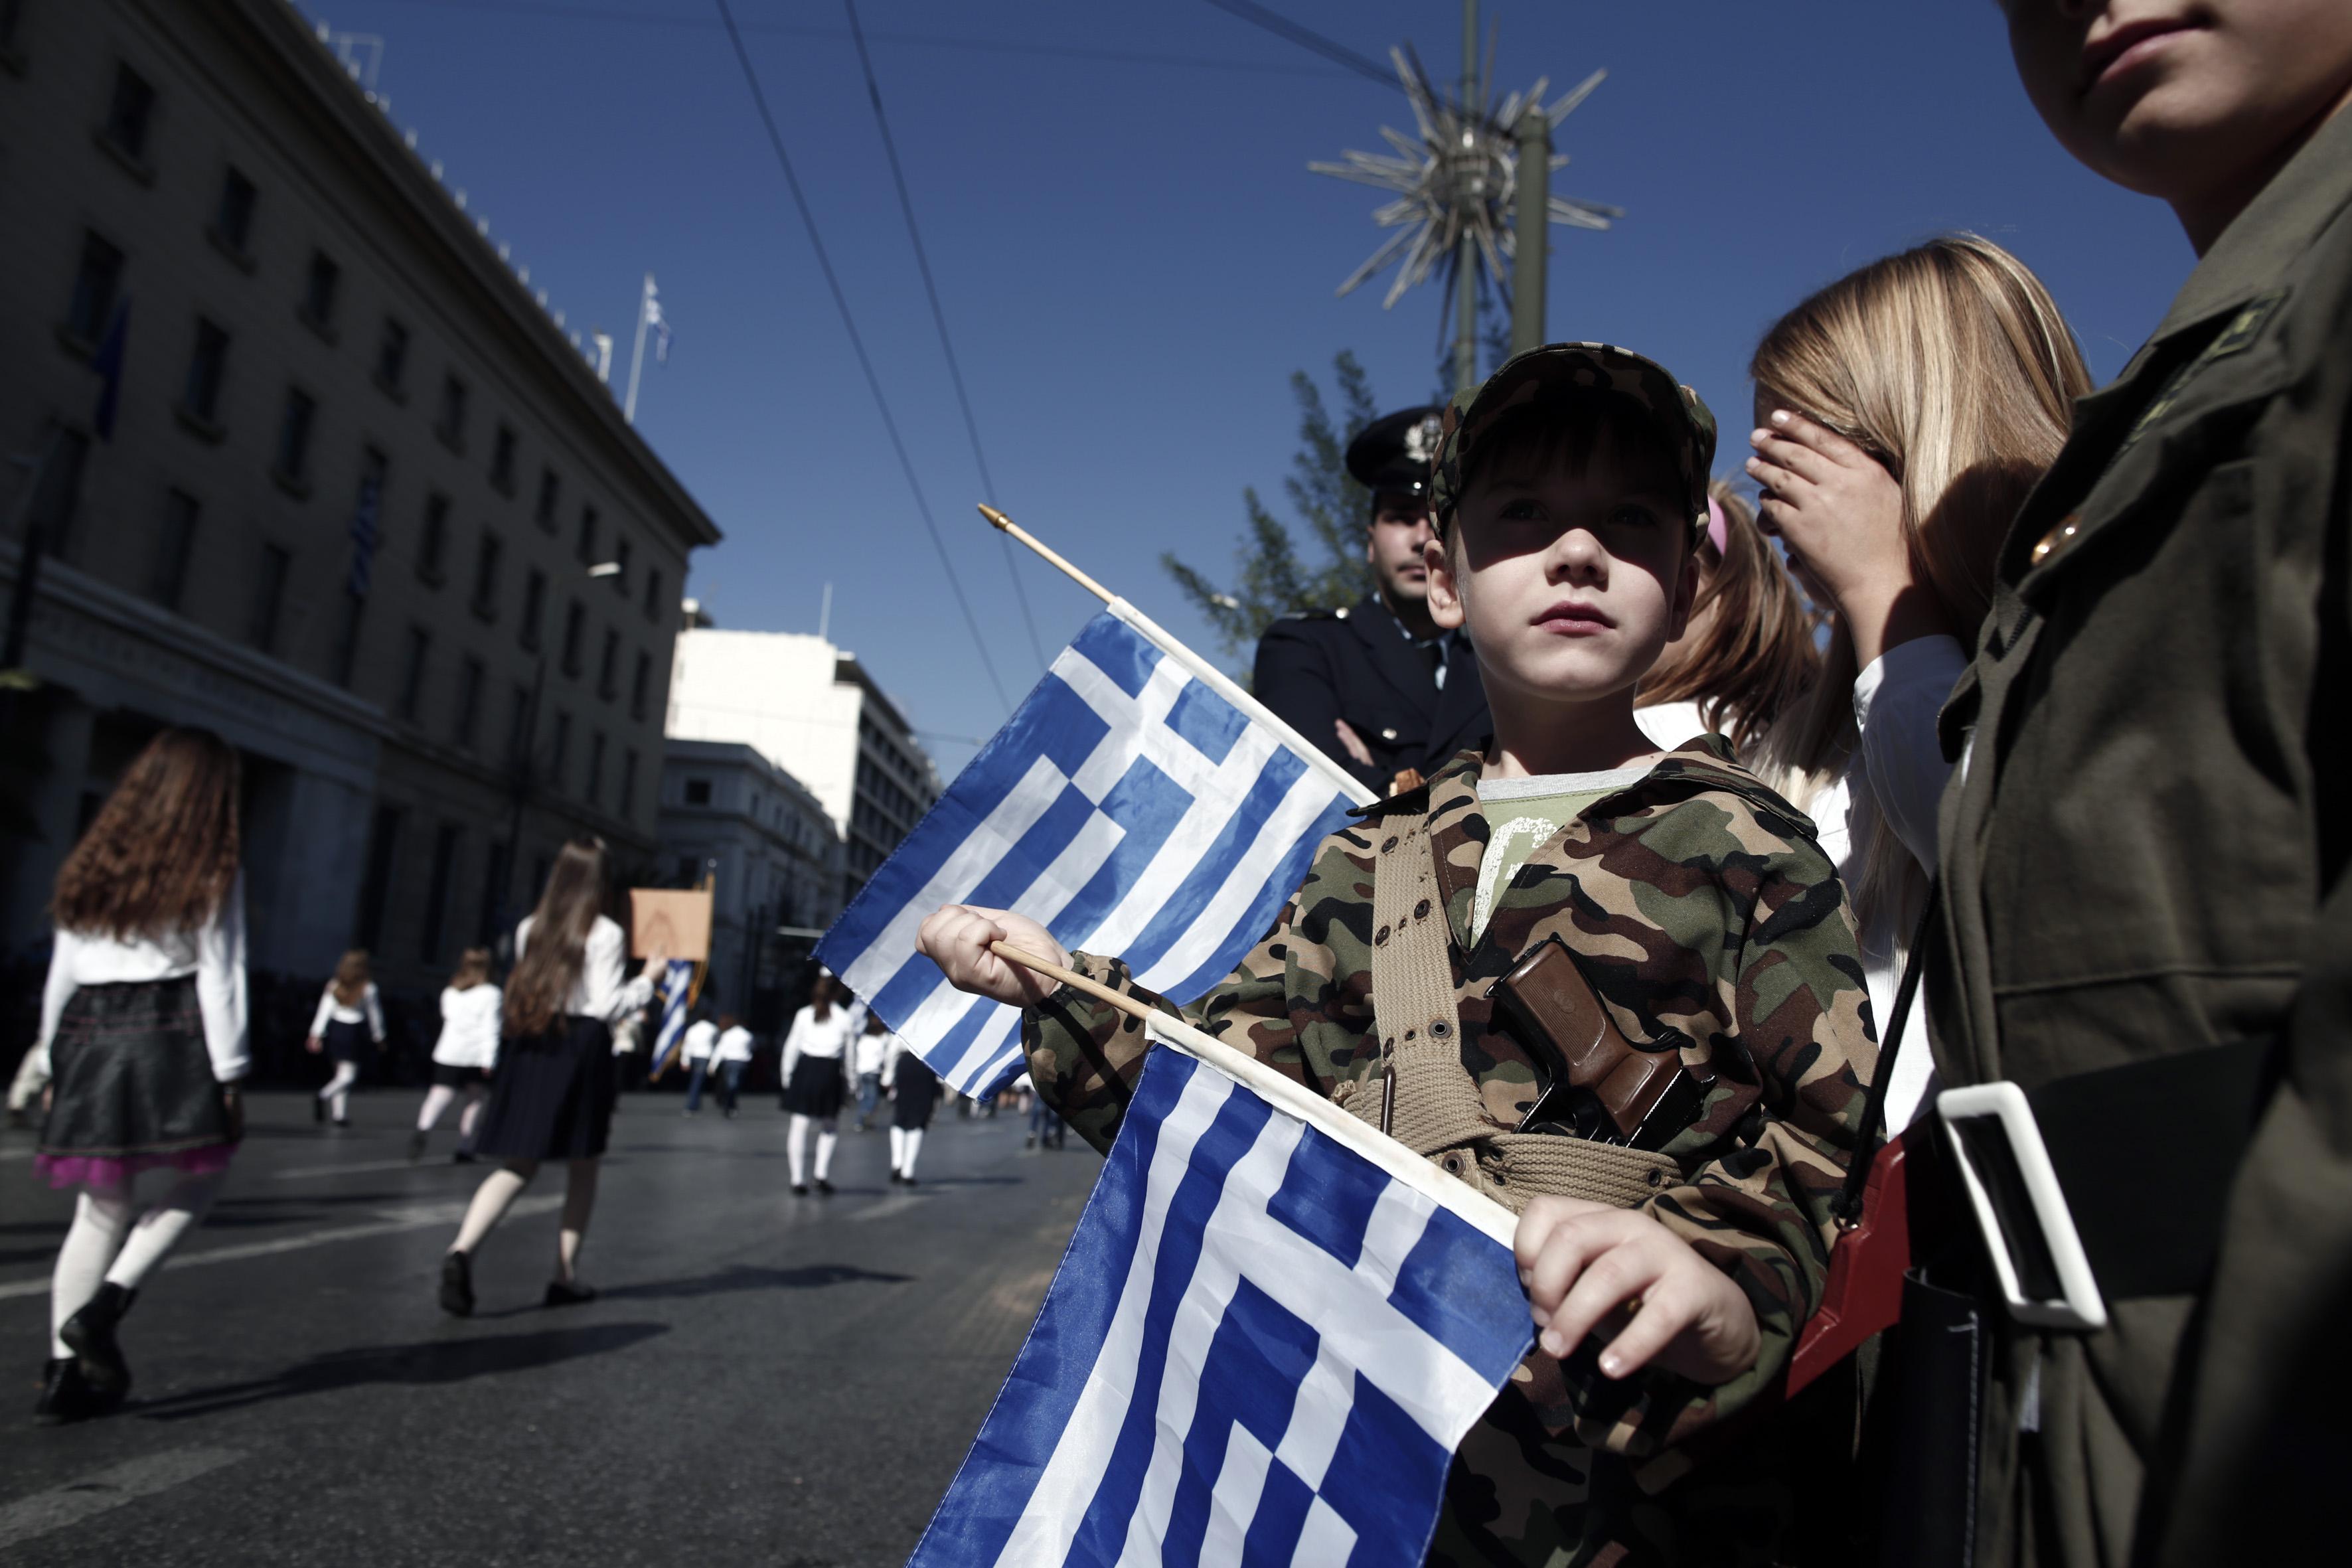 Στρατιωτική παρέλαση στη Θεσσαλονίκη – Μαθητική μόνο με σημαιοφόρους στην  Αθήνα  b9f356f2ff6